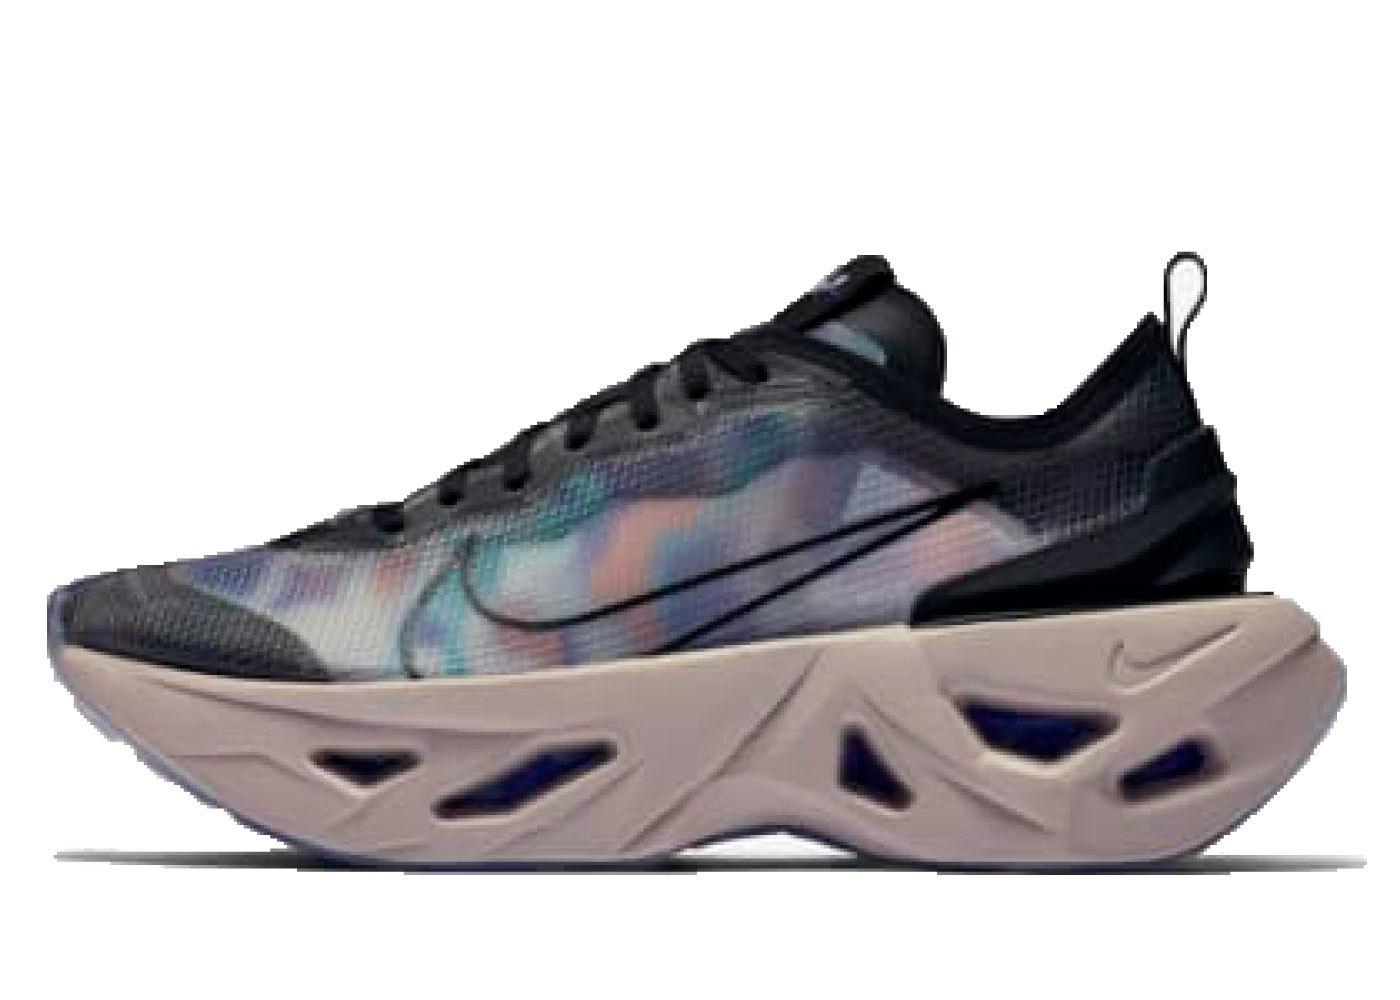 Nike Zoom X Vista Grind Night Aqua Womensの写真